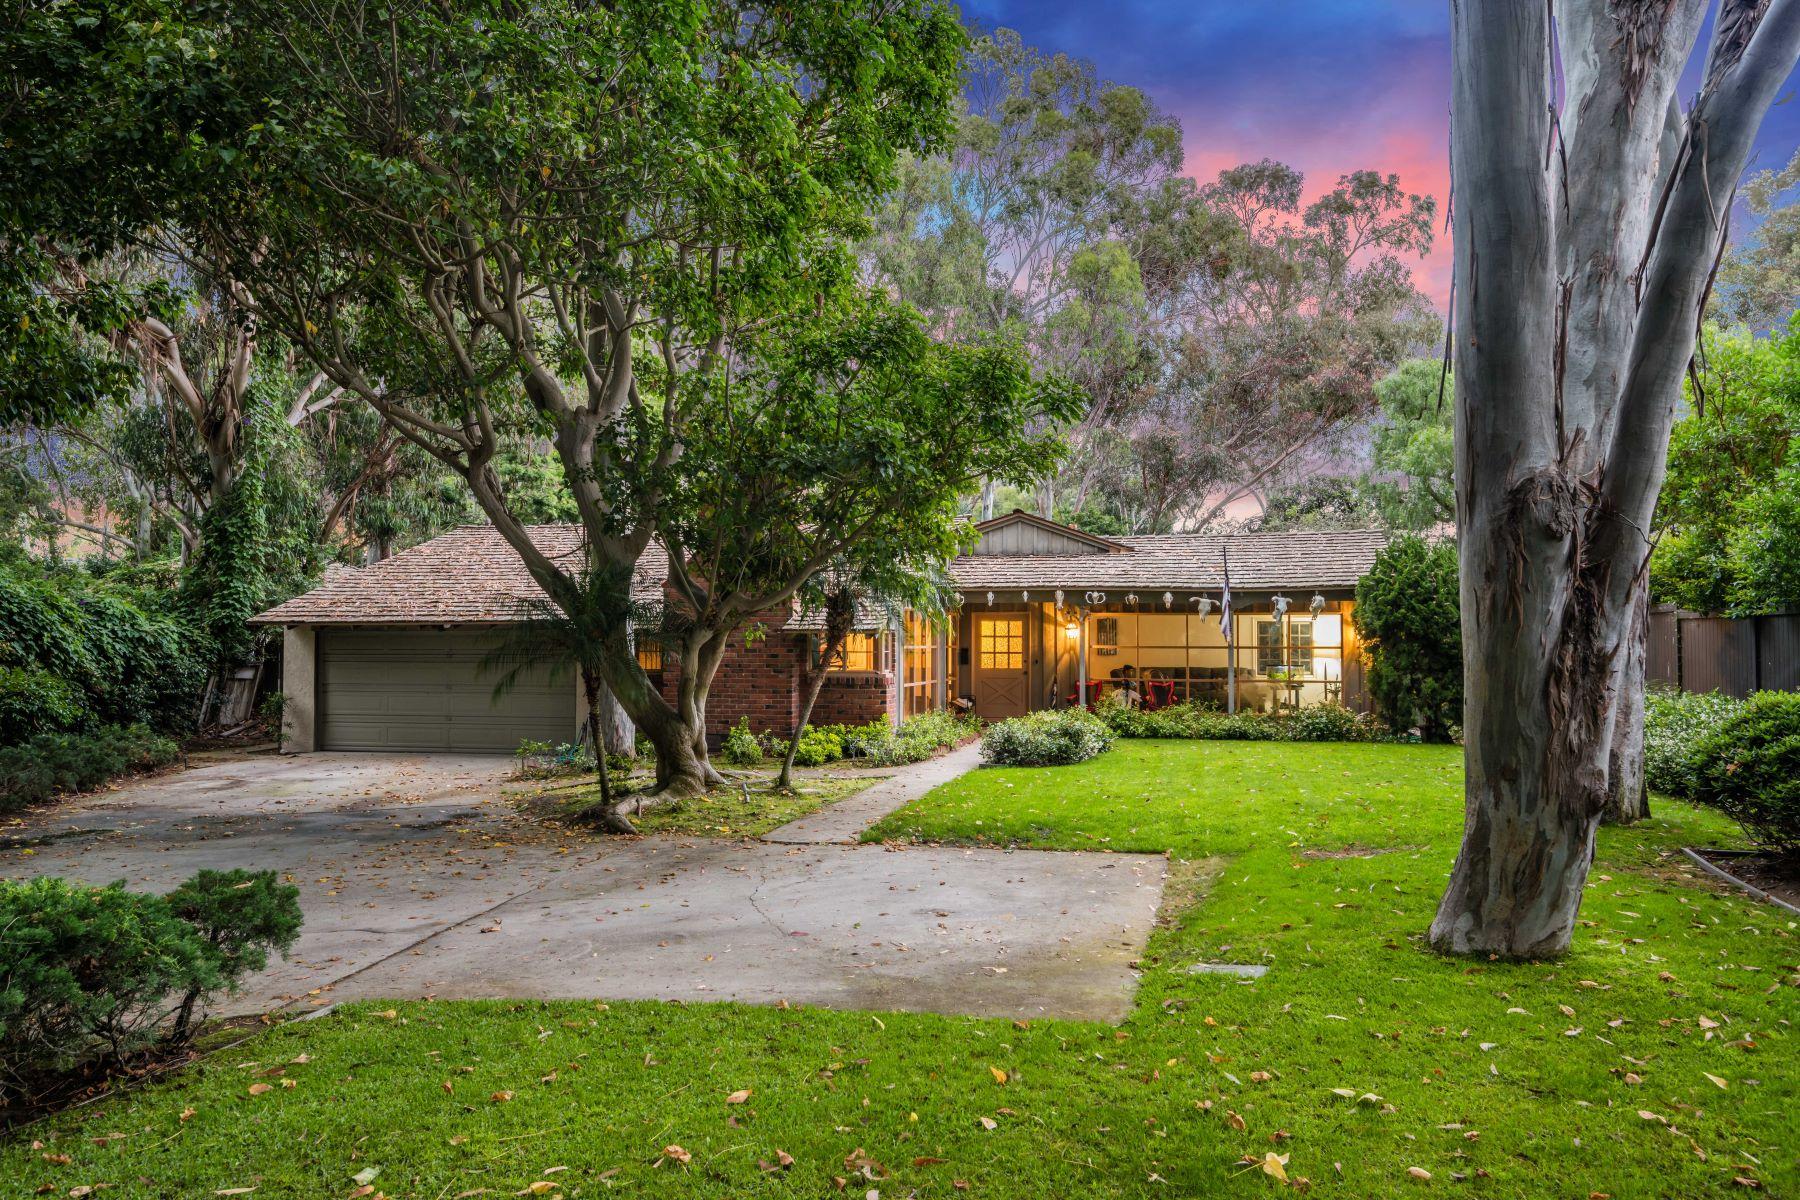 Single Family Homes for Sale at 2915 Vía La Selva, Palos Verdes Estates, CA 90274 2915 Vía La Selva Palos Verdes Estates, California 90274 United States